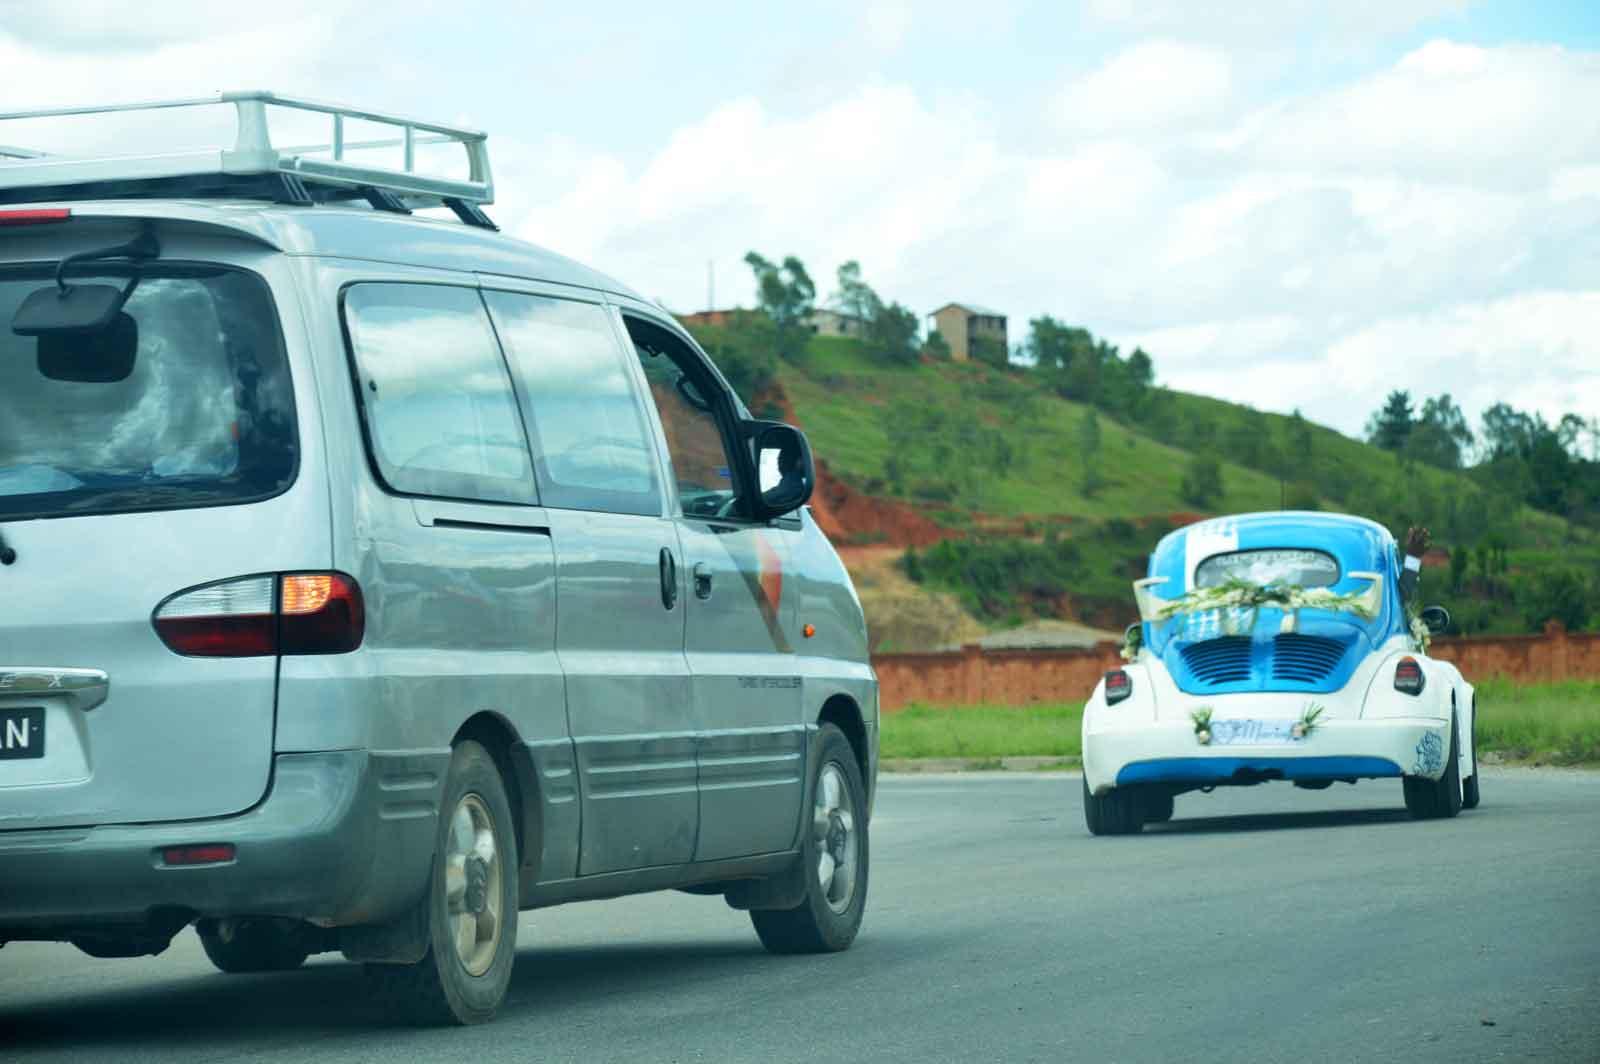 Roadtrip à Madagascar : deux modèles de véhicules différents